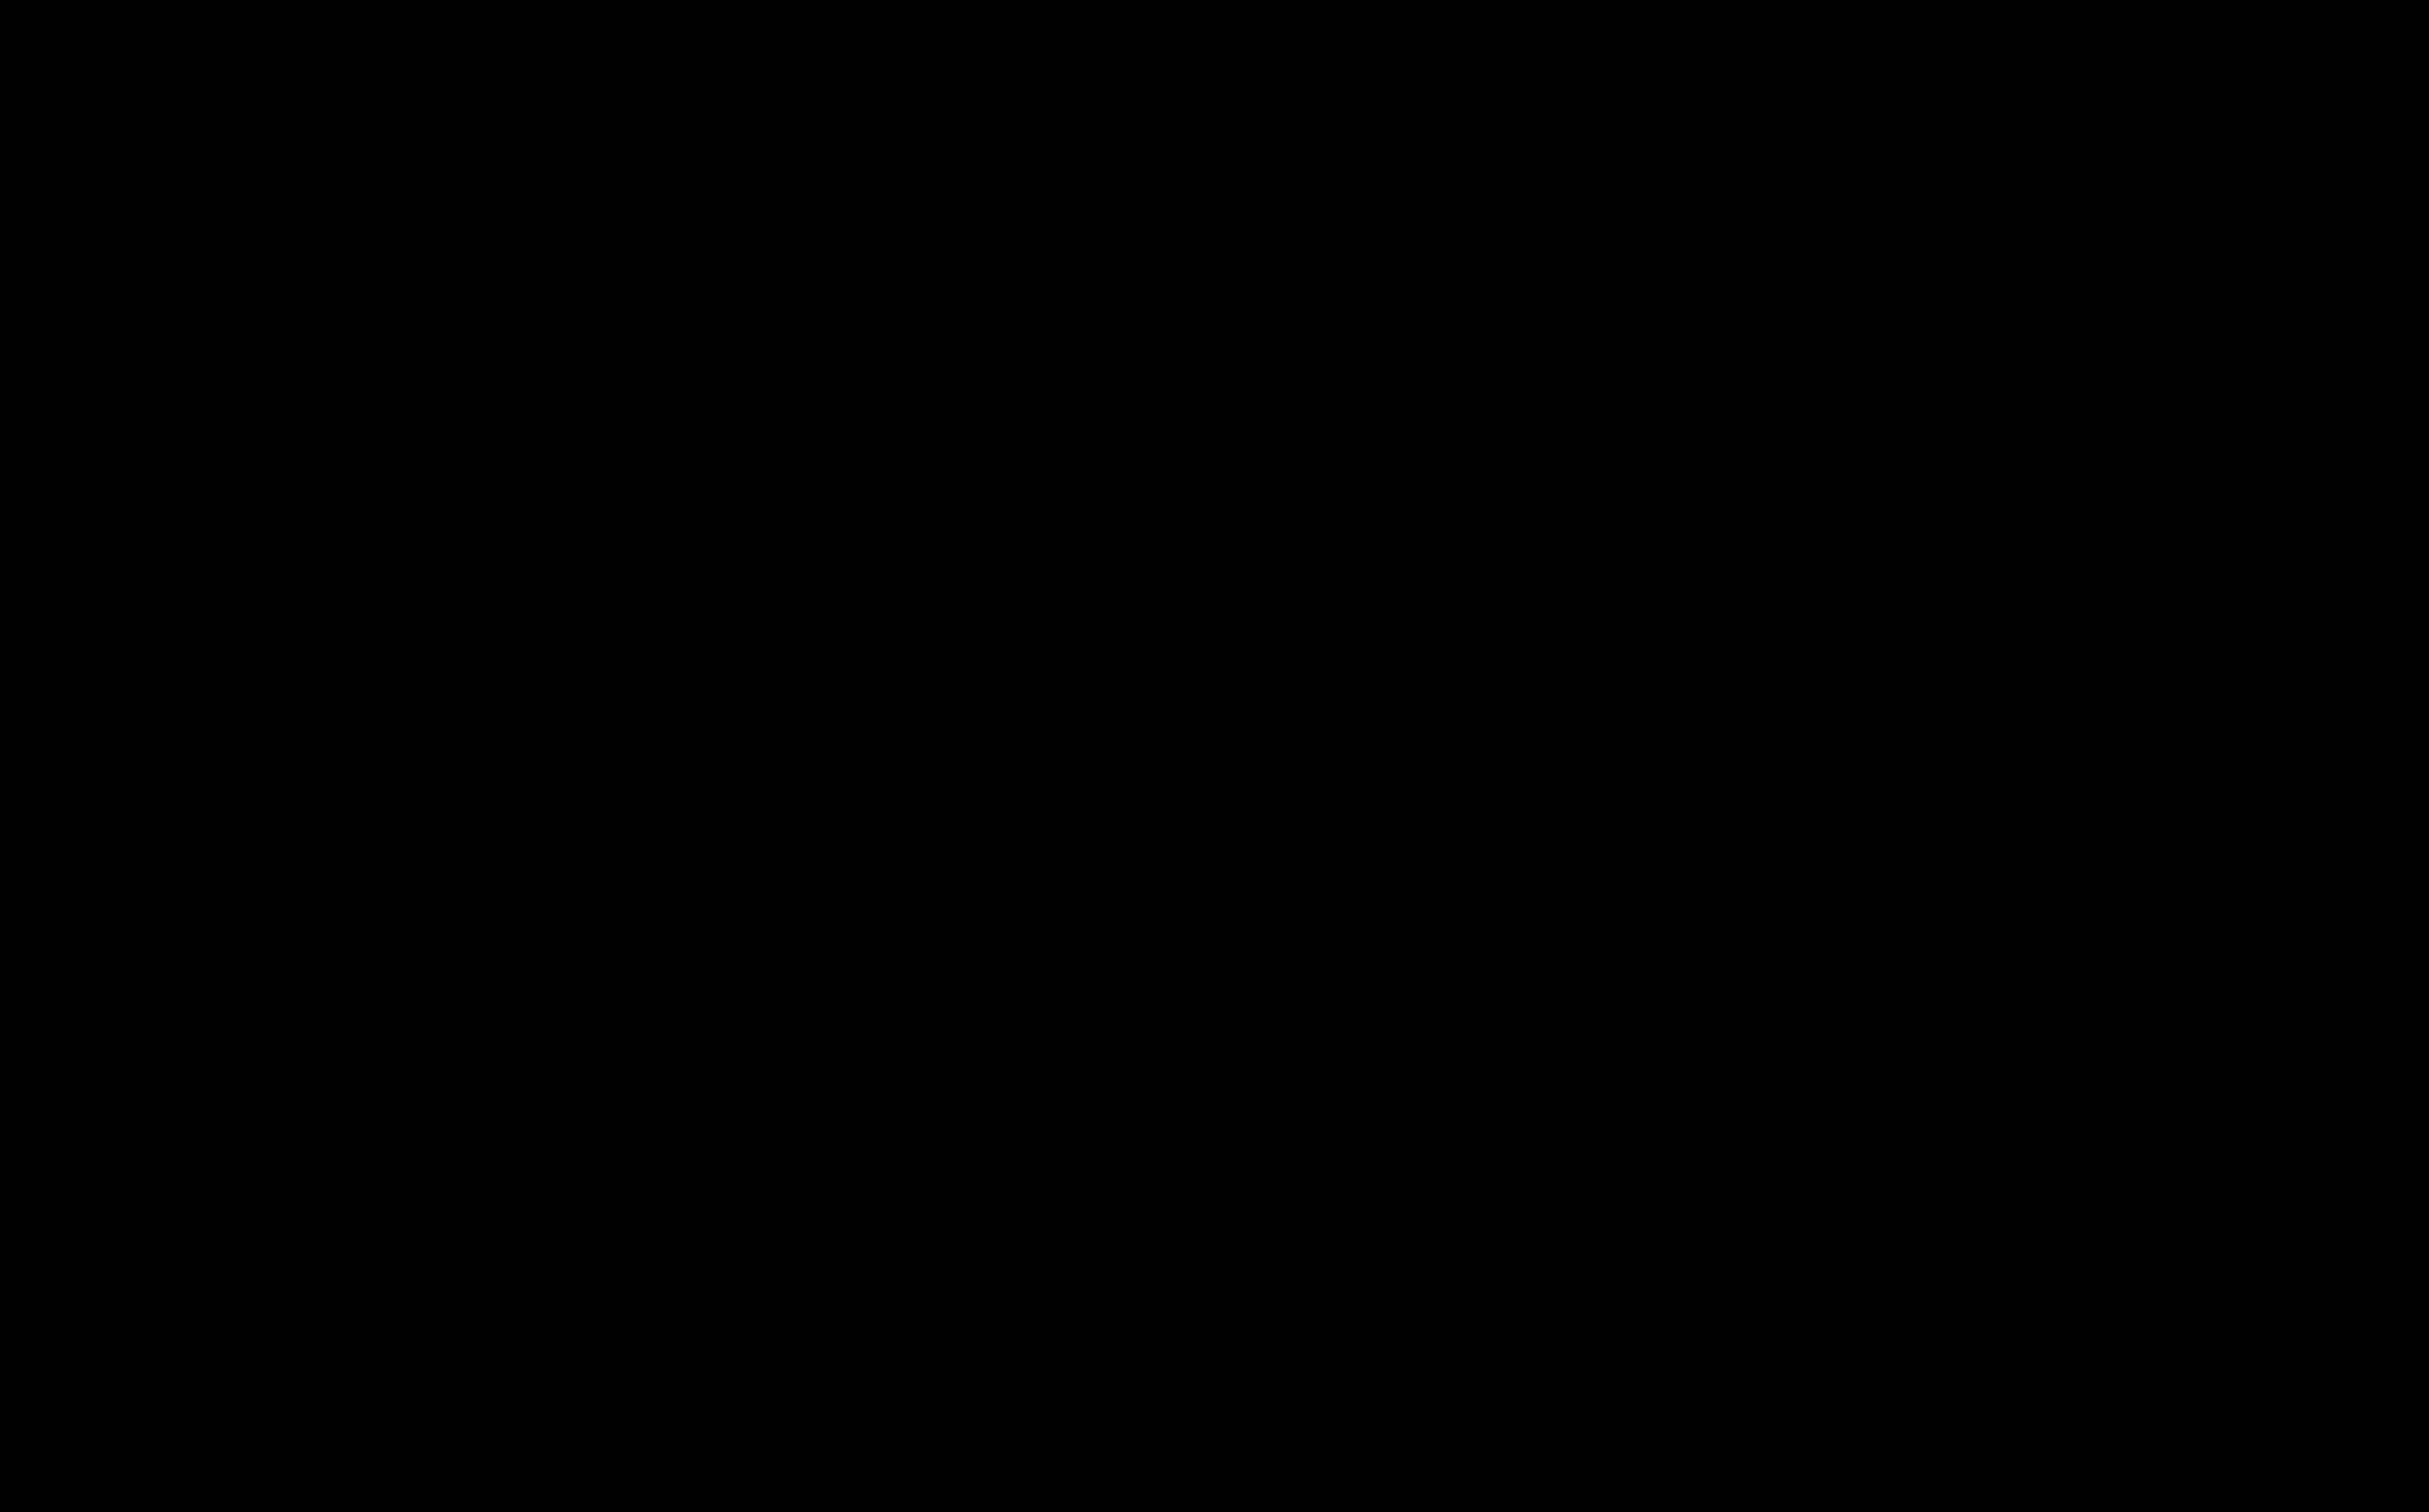 产品包装设计食品包装袋护肤品包装设计农产品包装奶茶包装盒设计